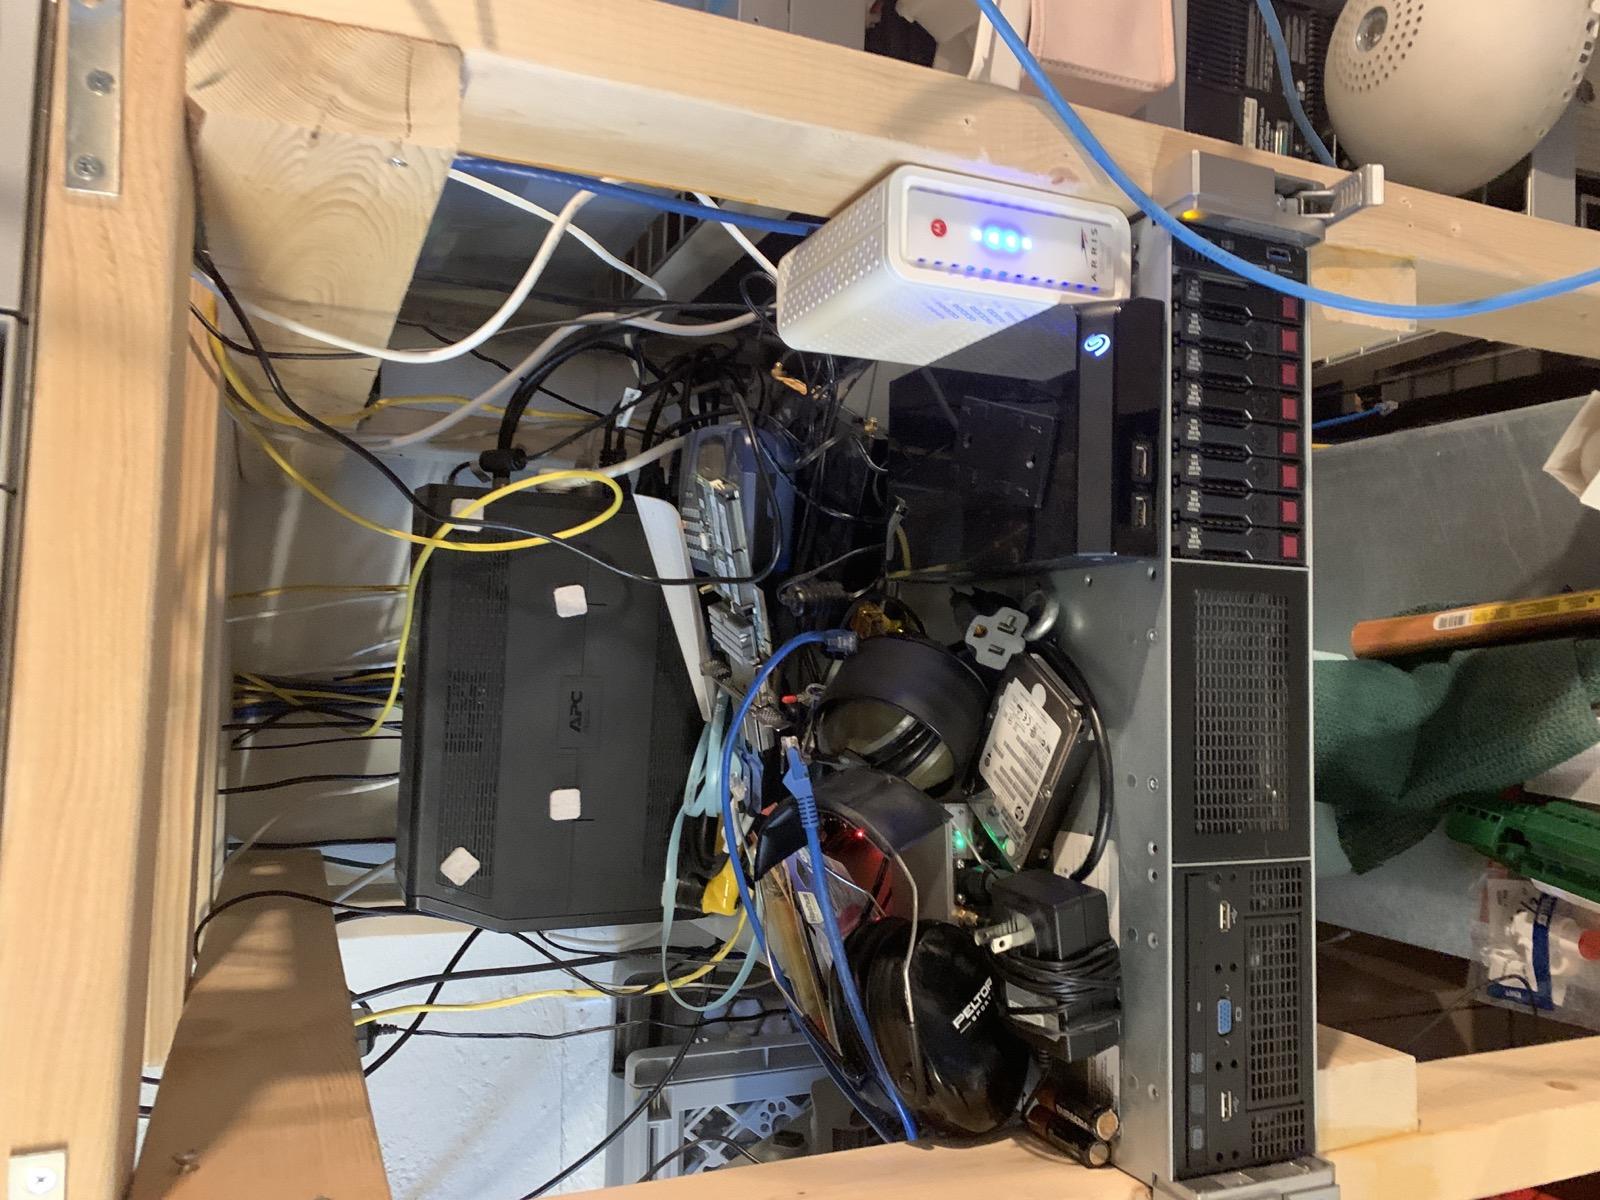 Messy DL380G9